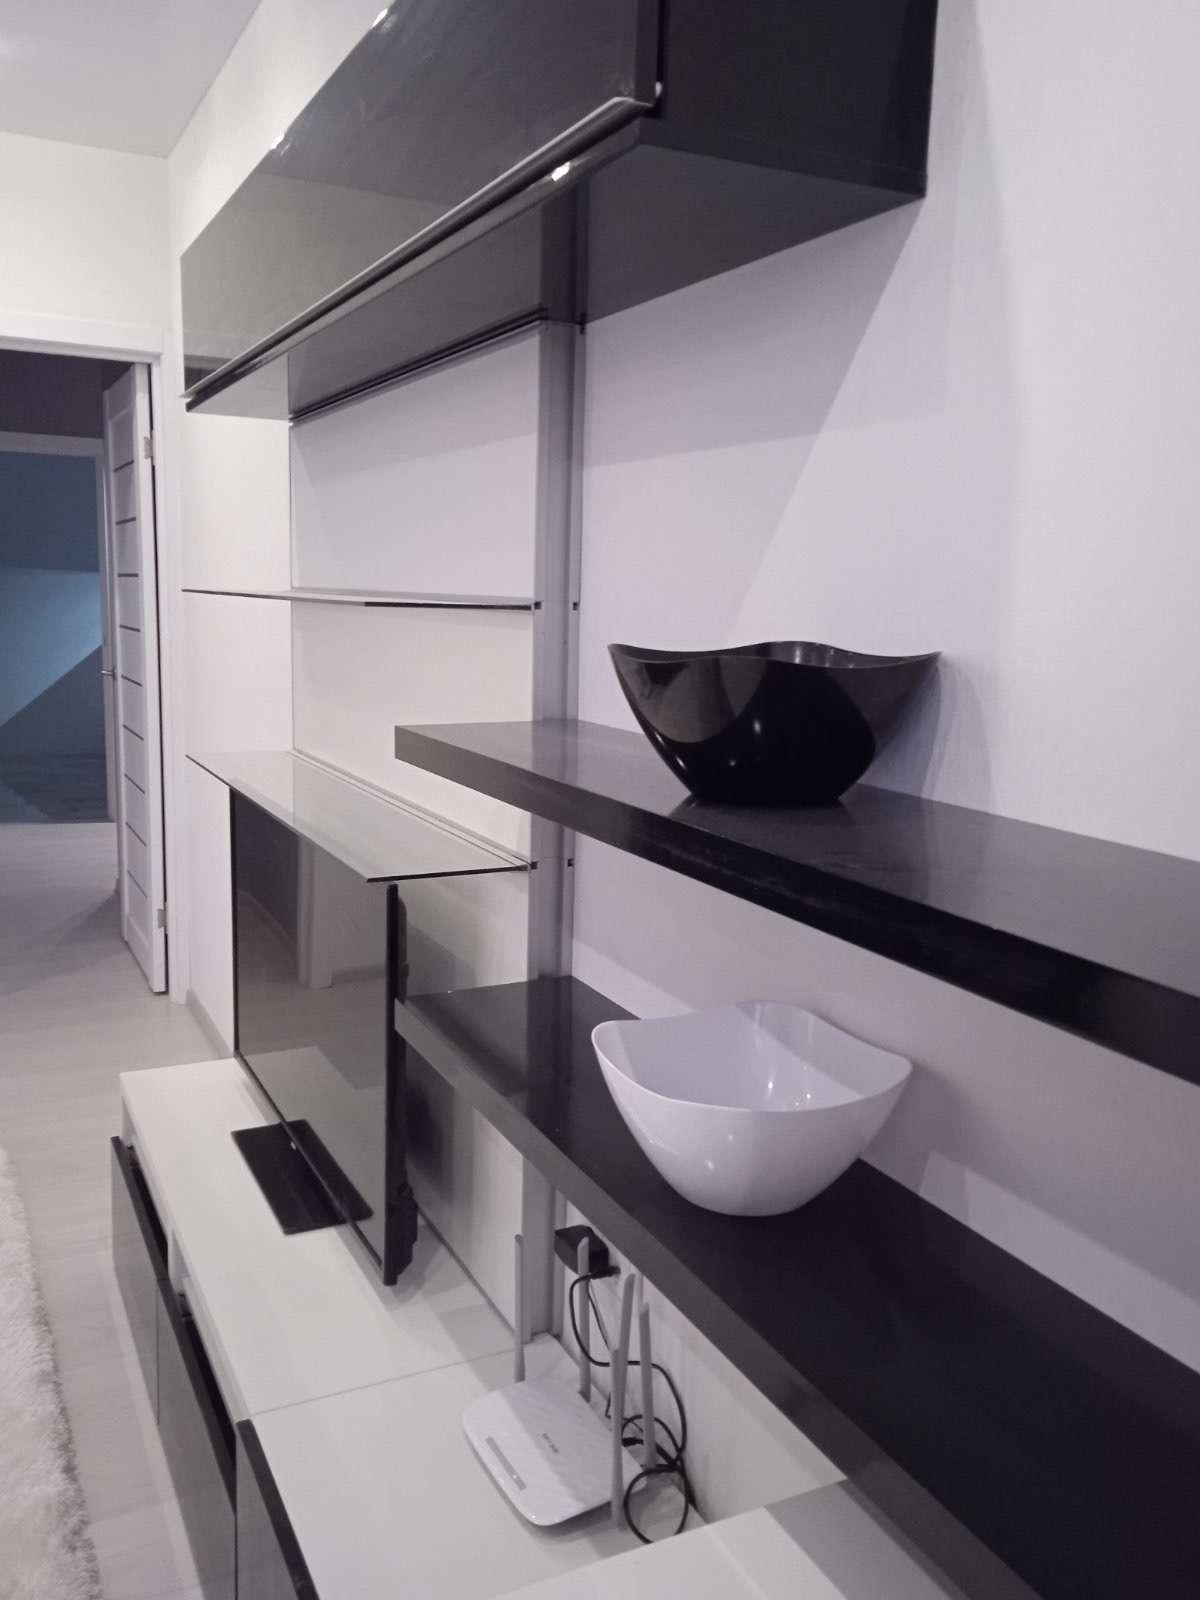 Продажа 2-комнатной квартиры, Самара, Московское шоссе 18-й километр,  дом 31